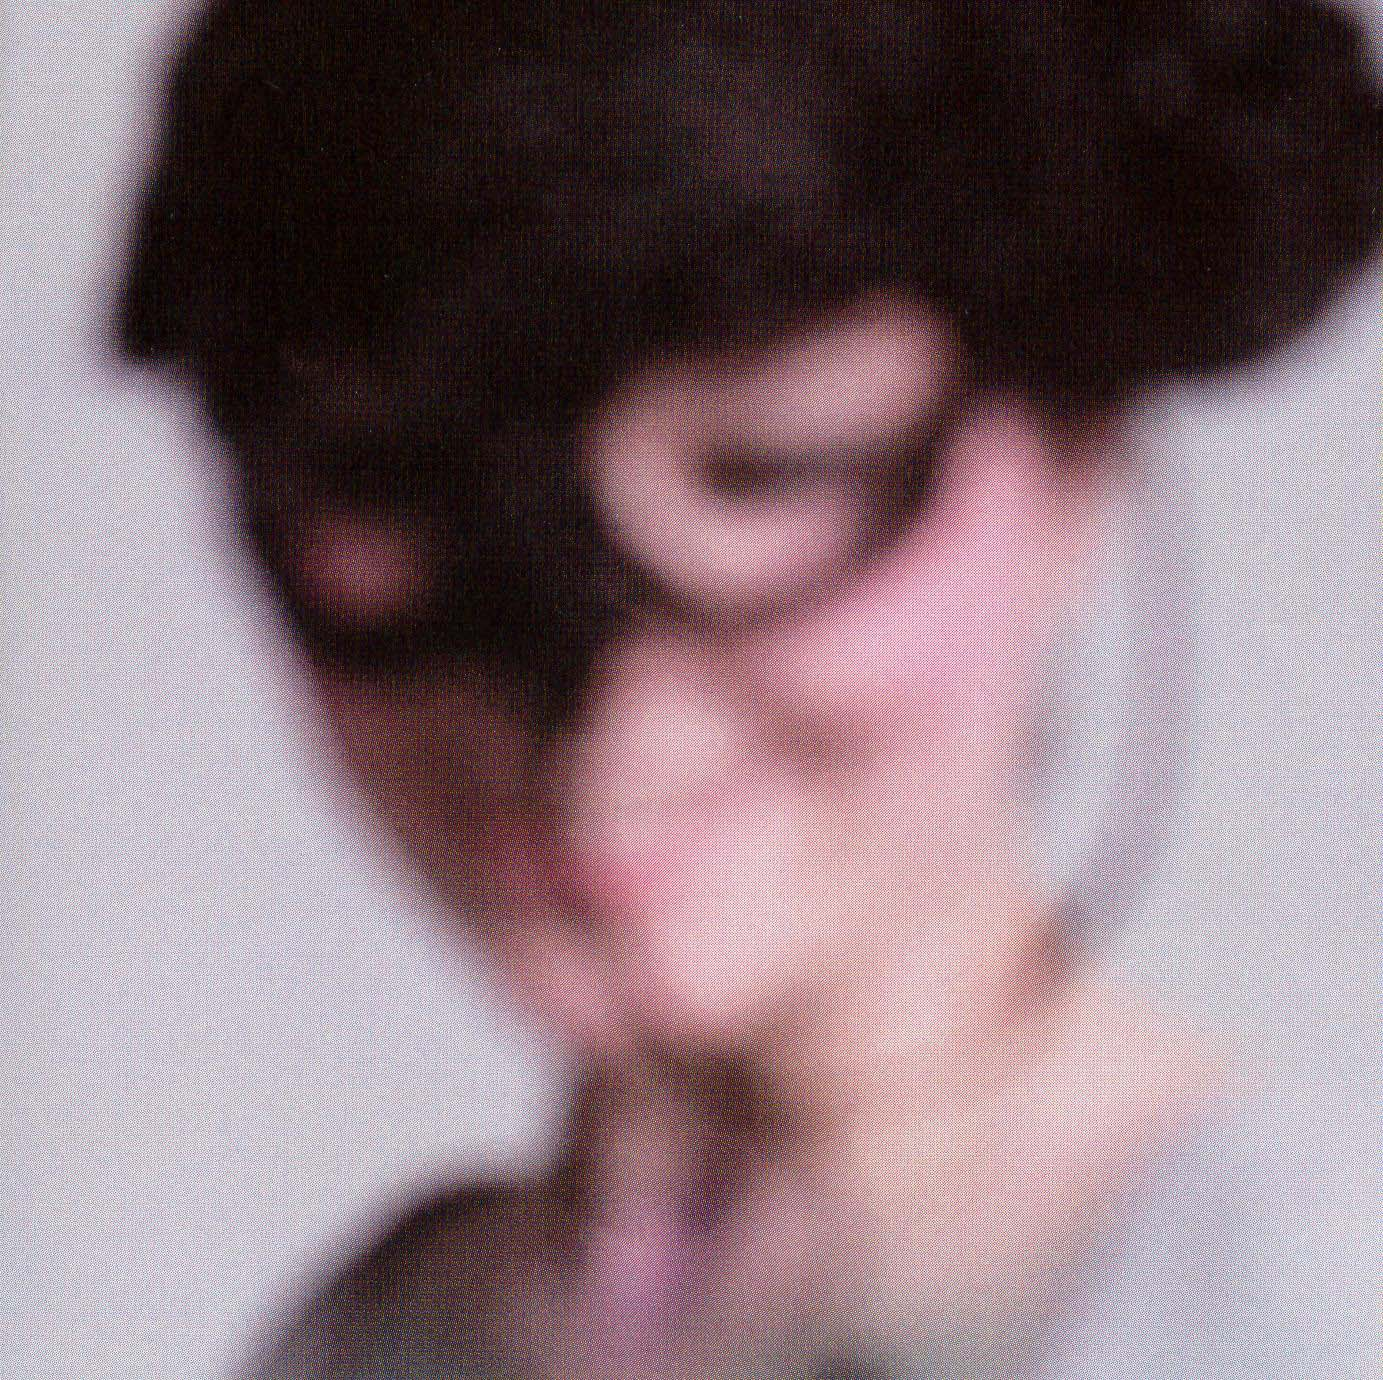 Björk: The Making of Medúlla